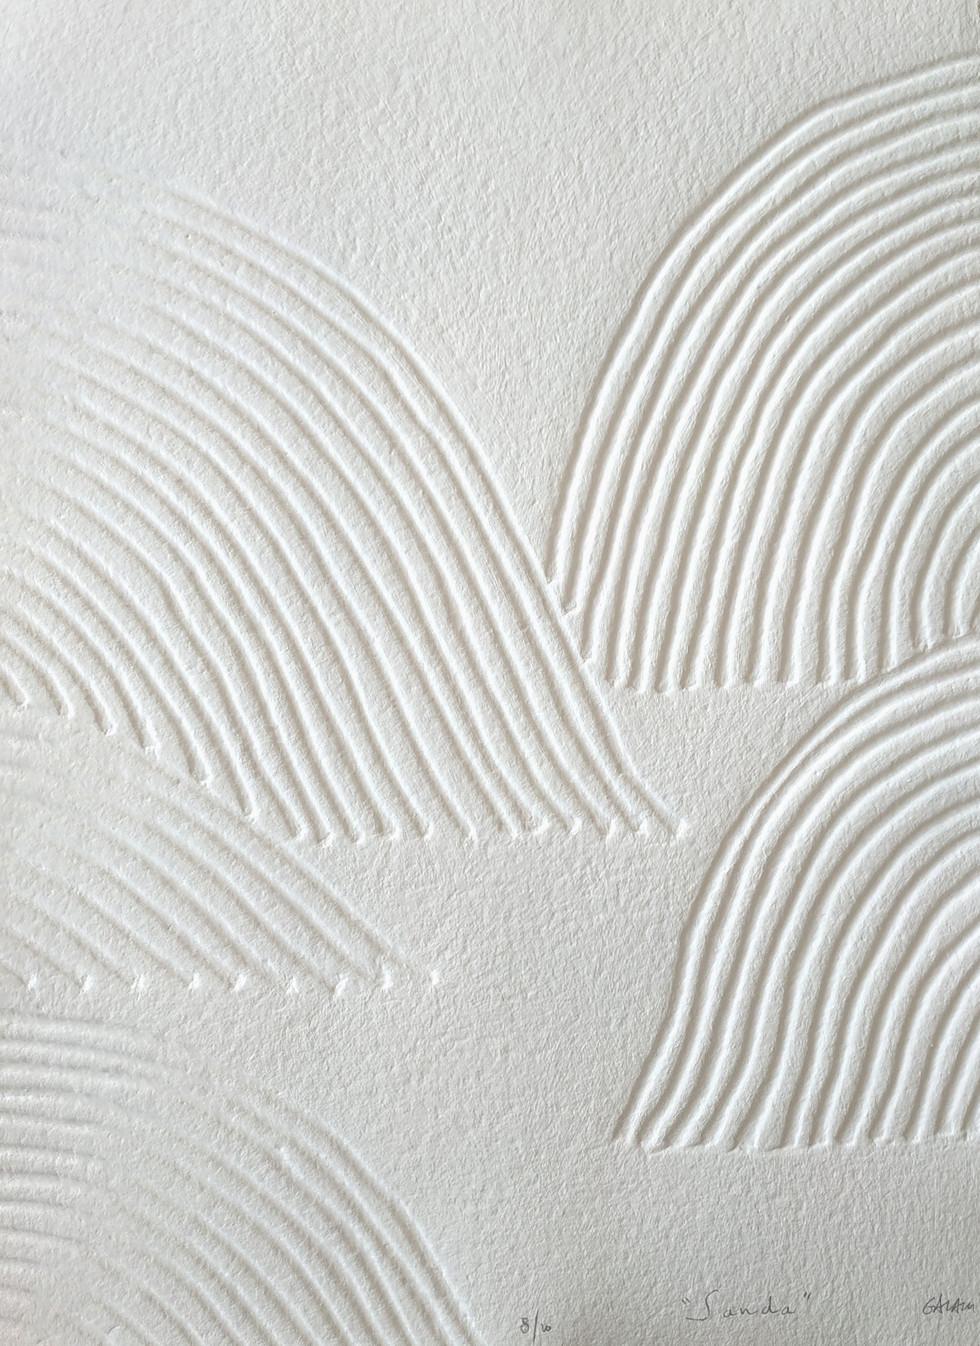 Sanda Papierreliefabdruck, 20 Ex., 77 x 56 cm, verso sign. & num.